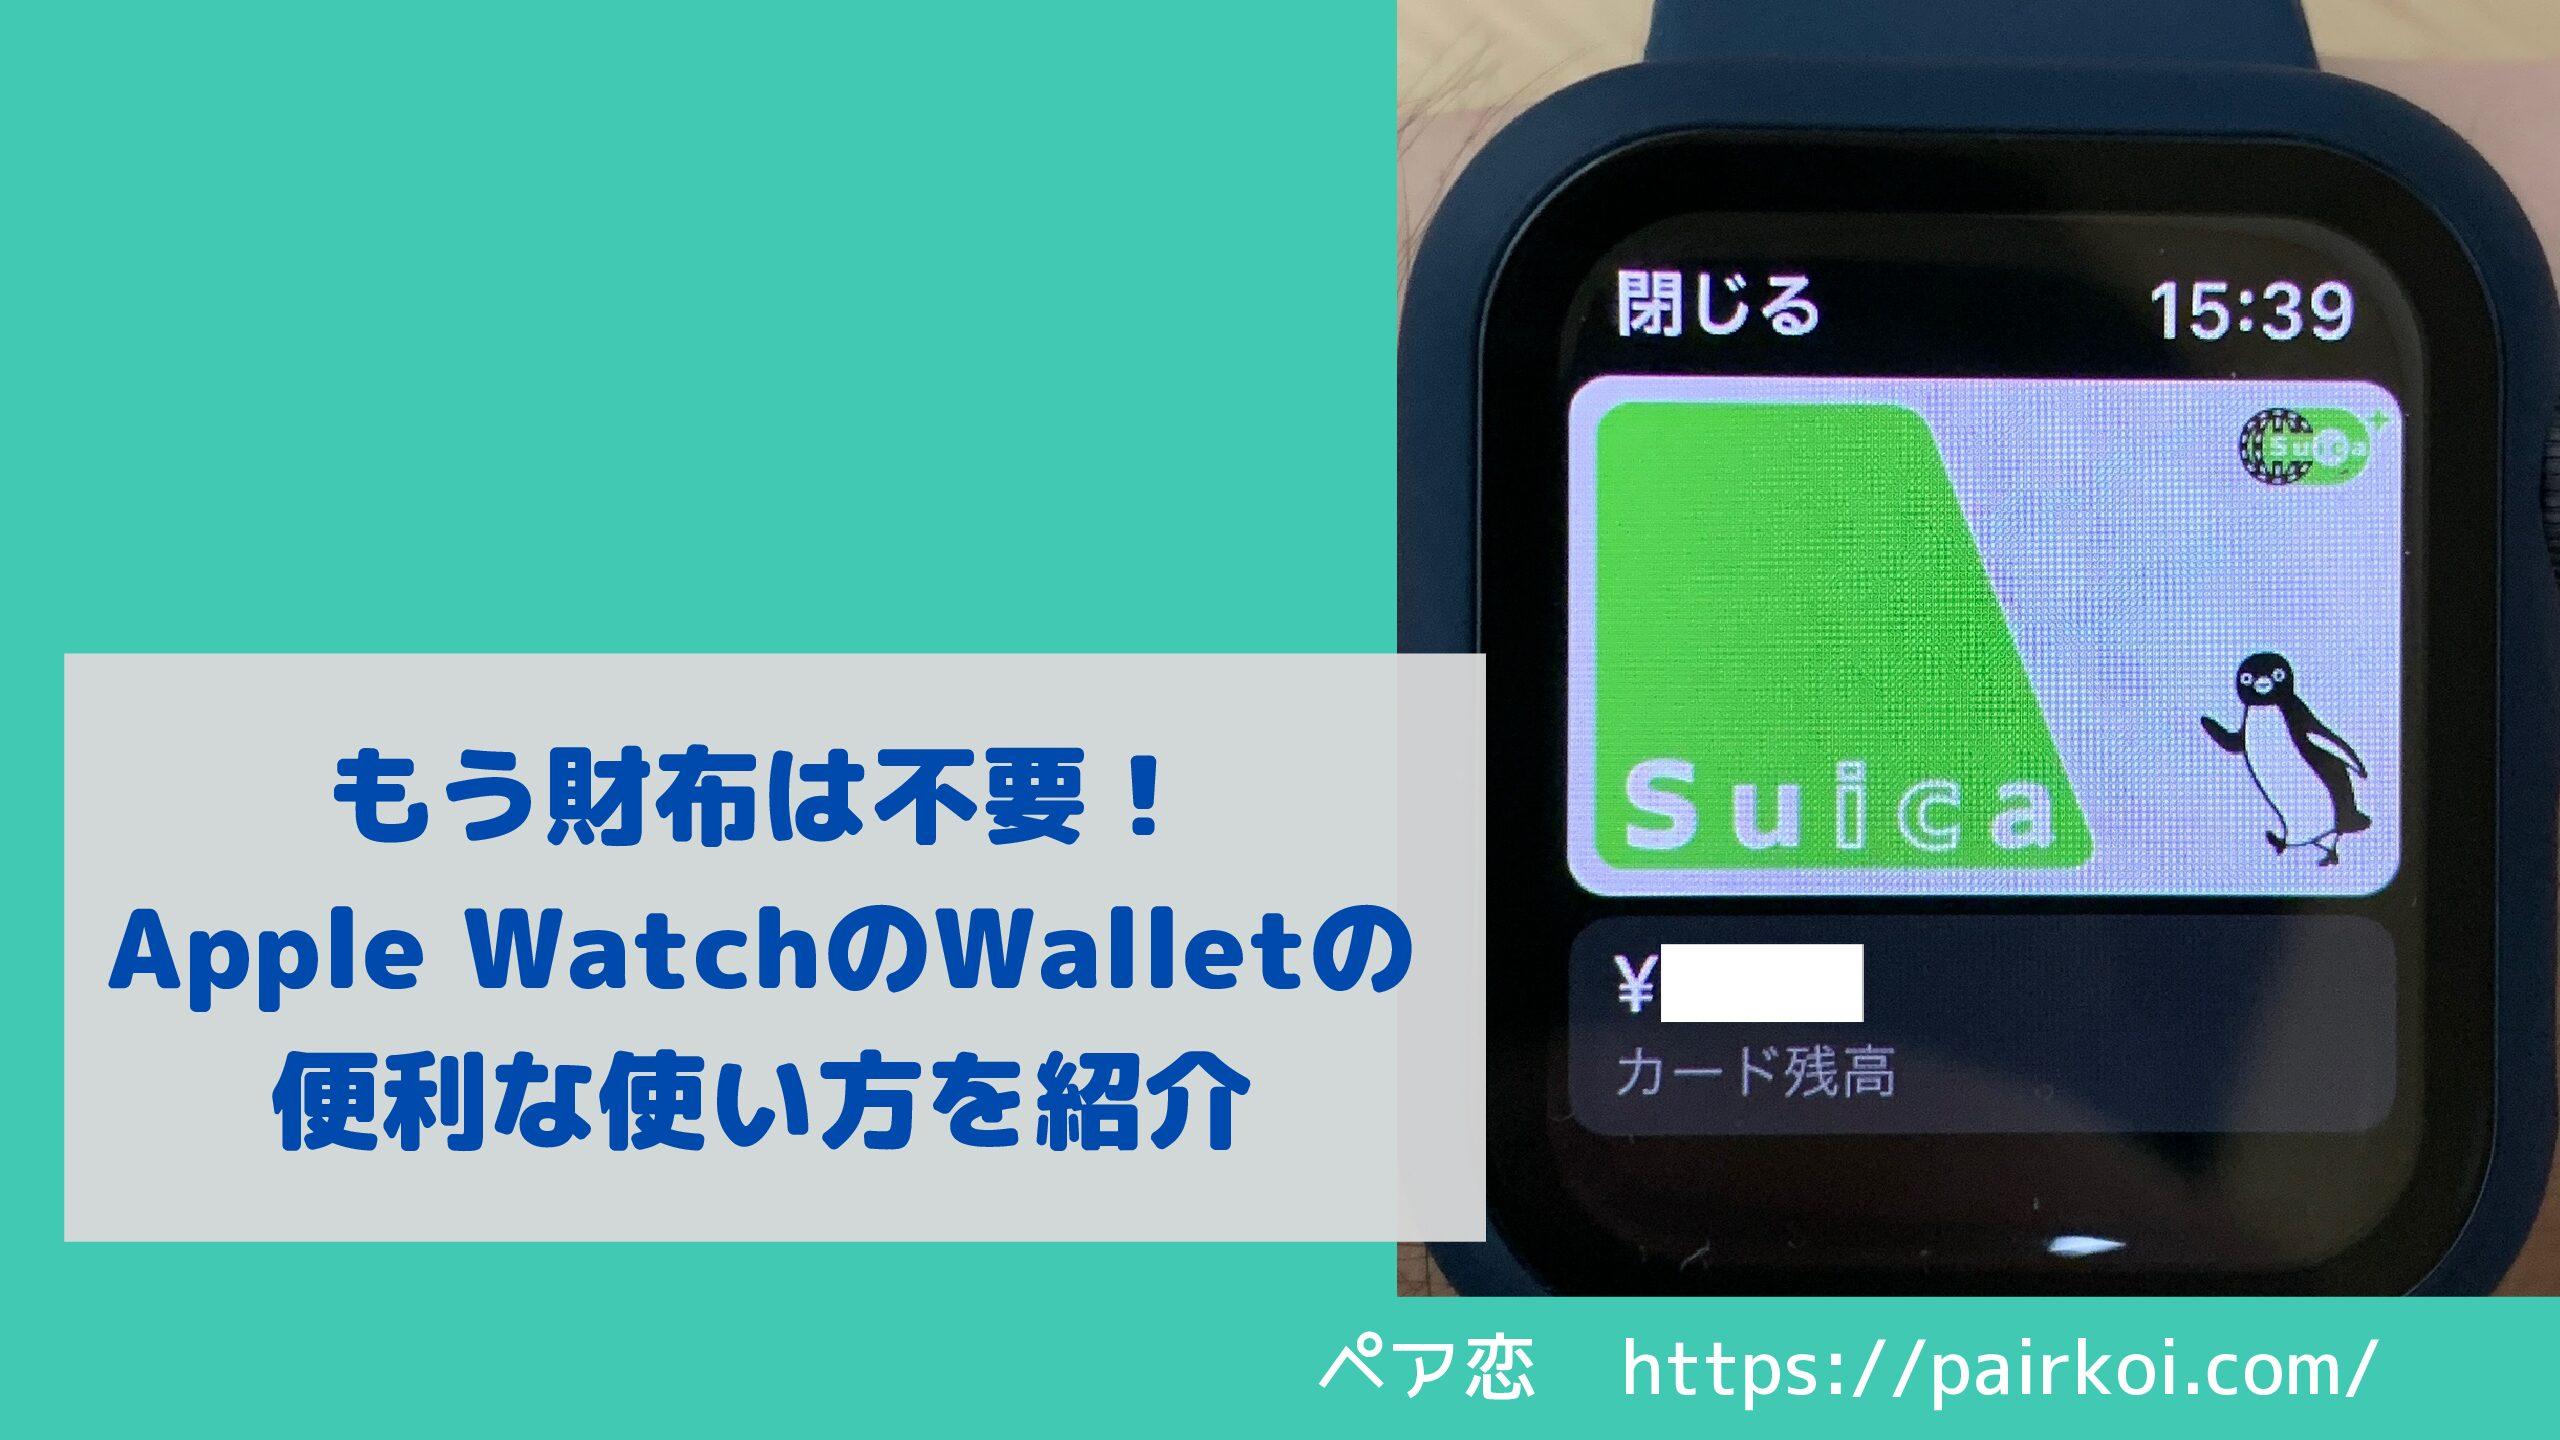 便利すぎ!Apple WatchのWalletの便利な使い方を紹介